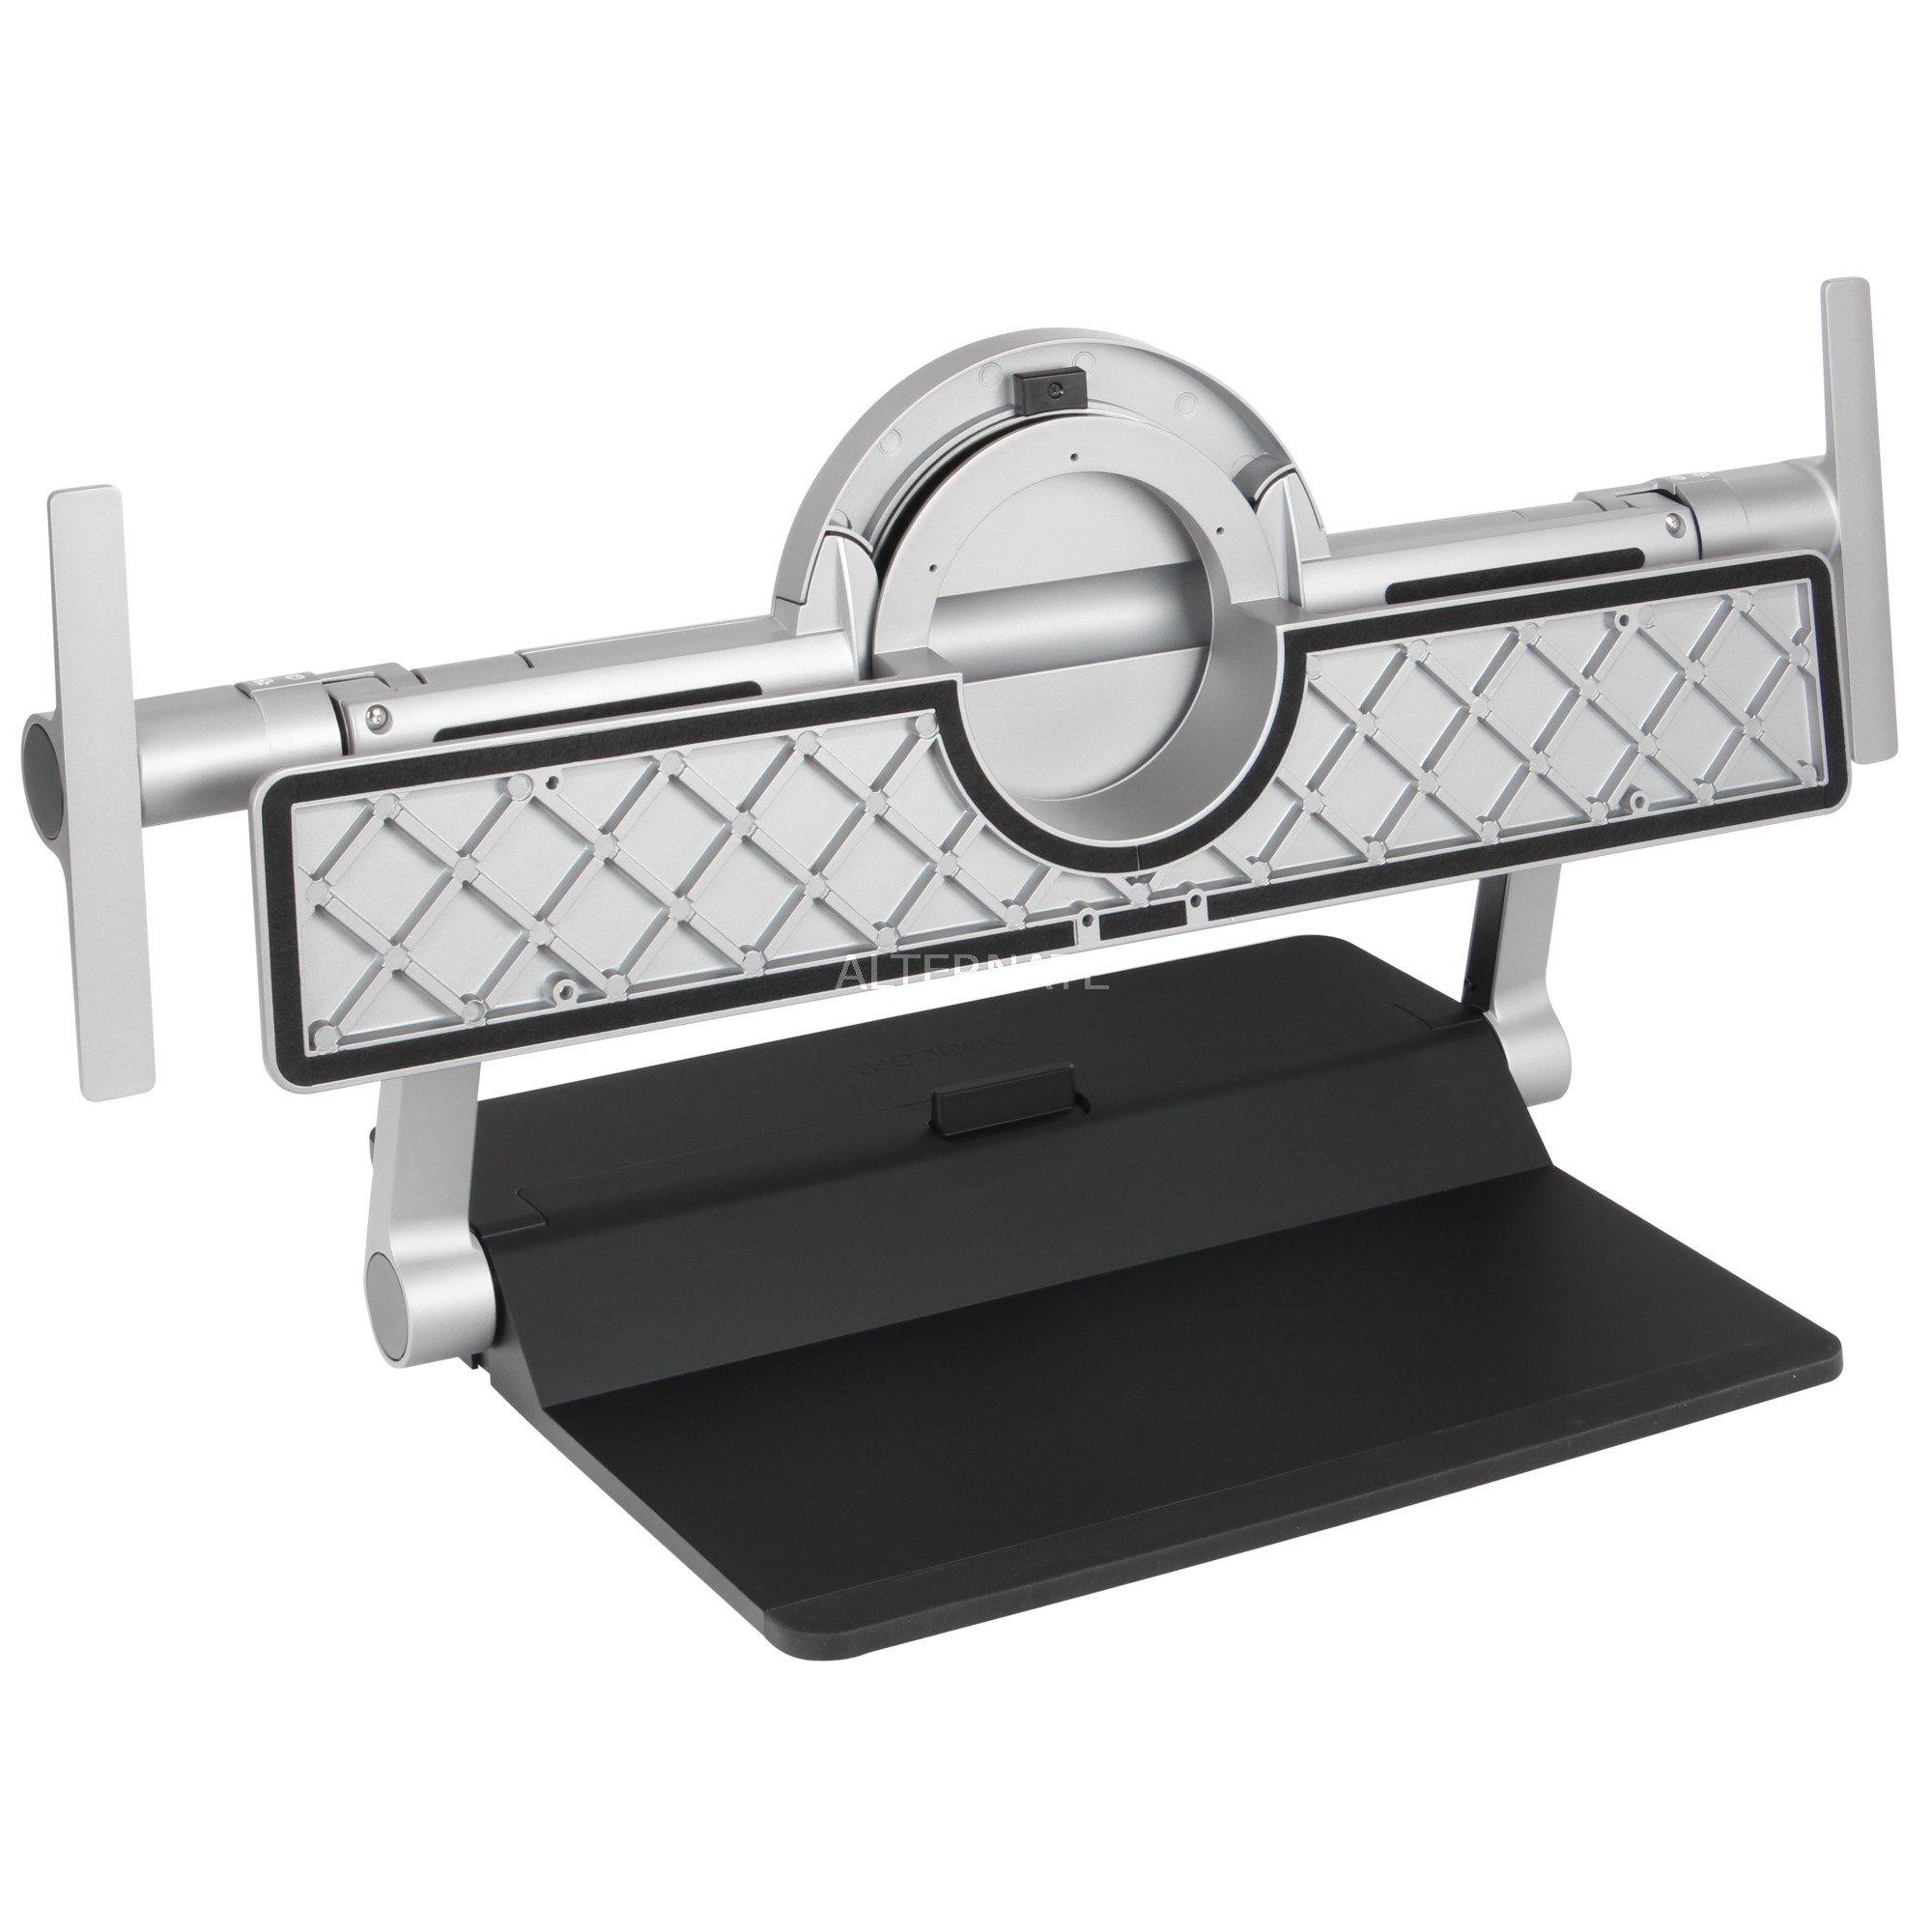 """ACK62802K soporte de mesa para pantalla plana 81,3 cm (32"""") Independiente Negro, Gris, Soporte de pie"""